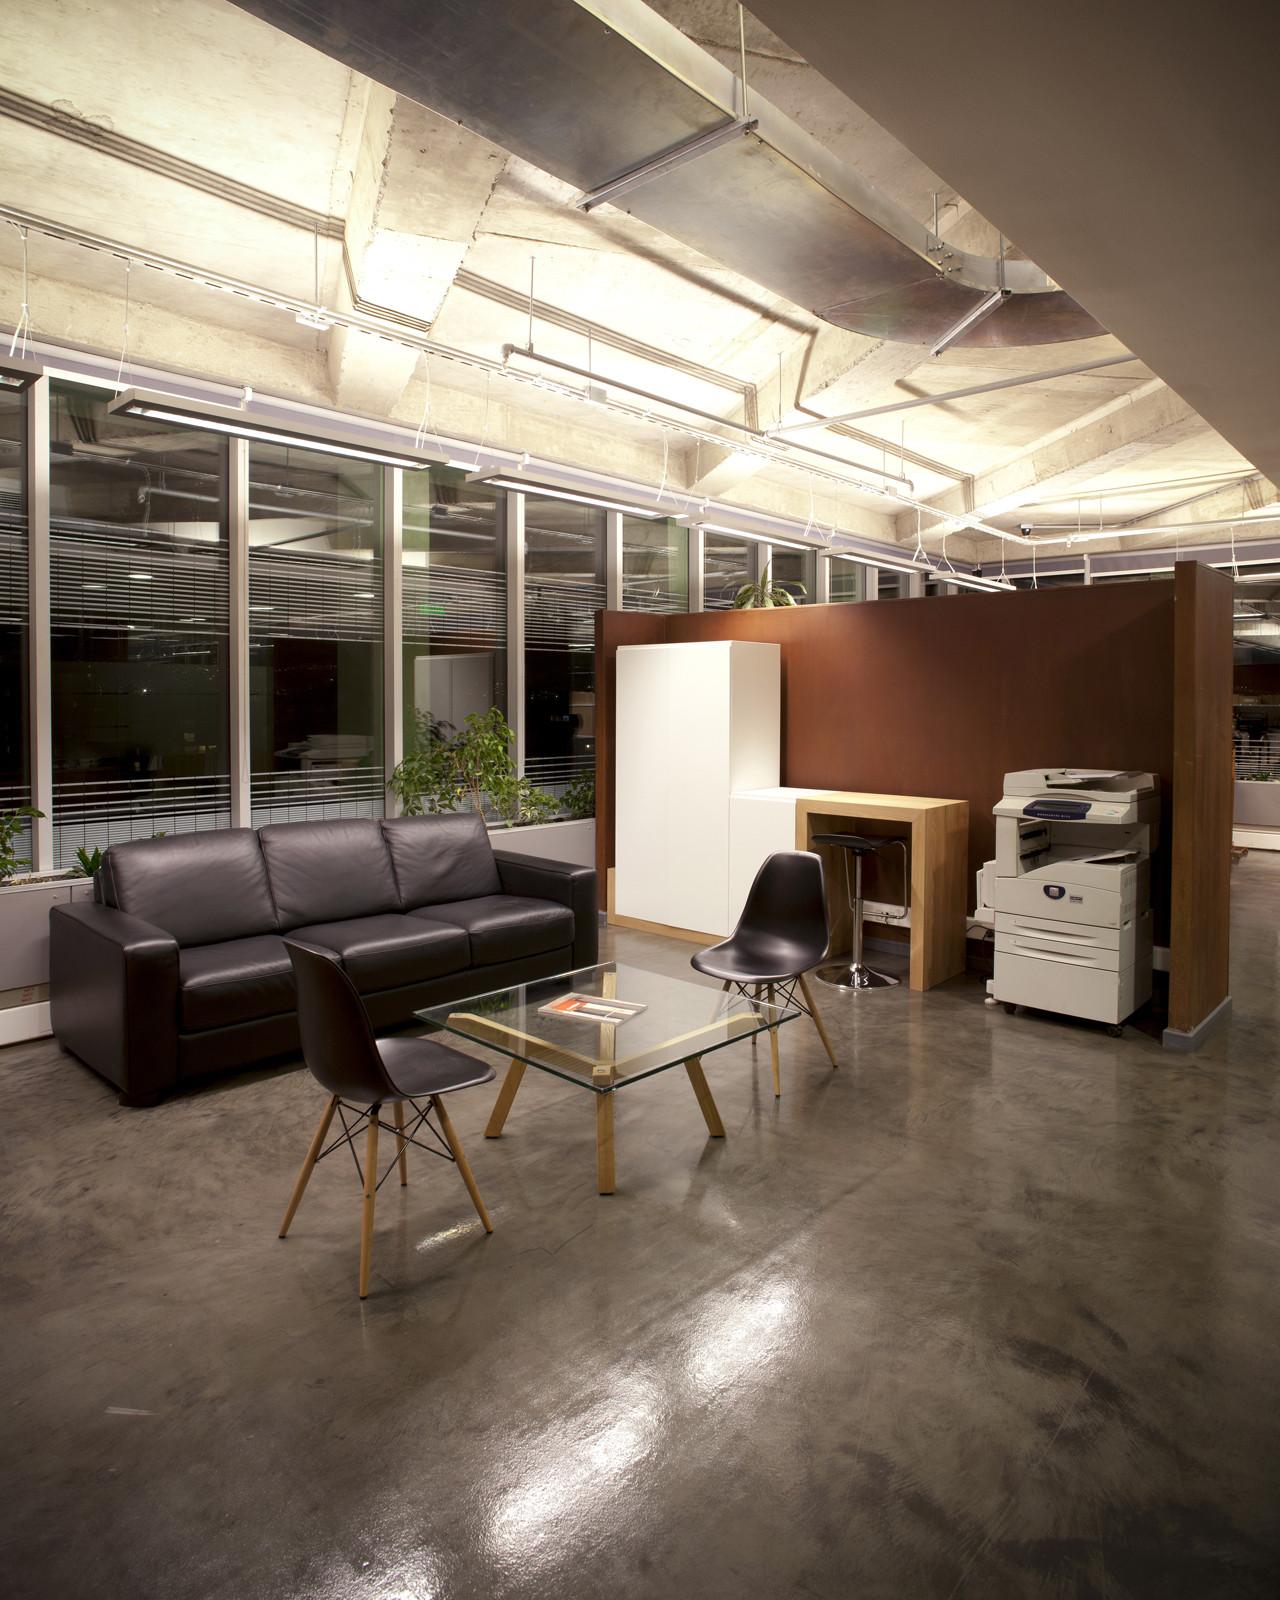 Oficinas hilti chile chauriye st ger arquitectos for Oficina de empleo caceres